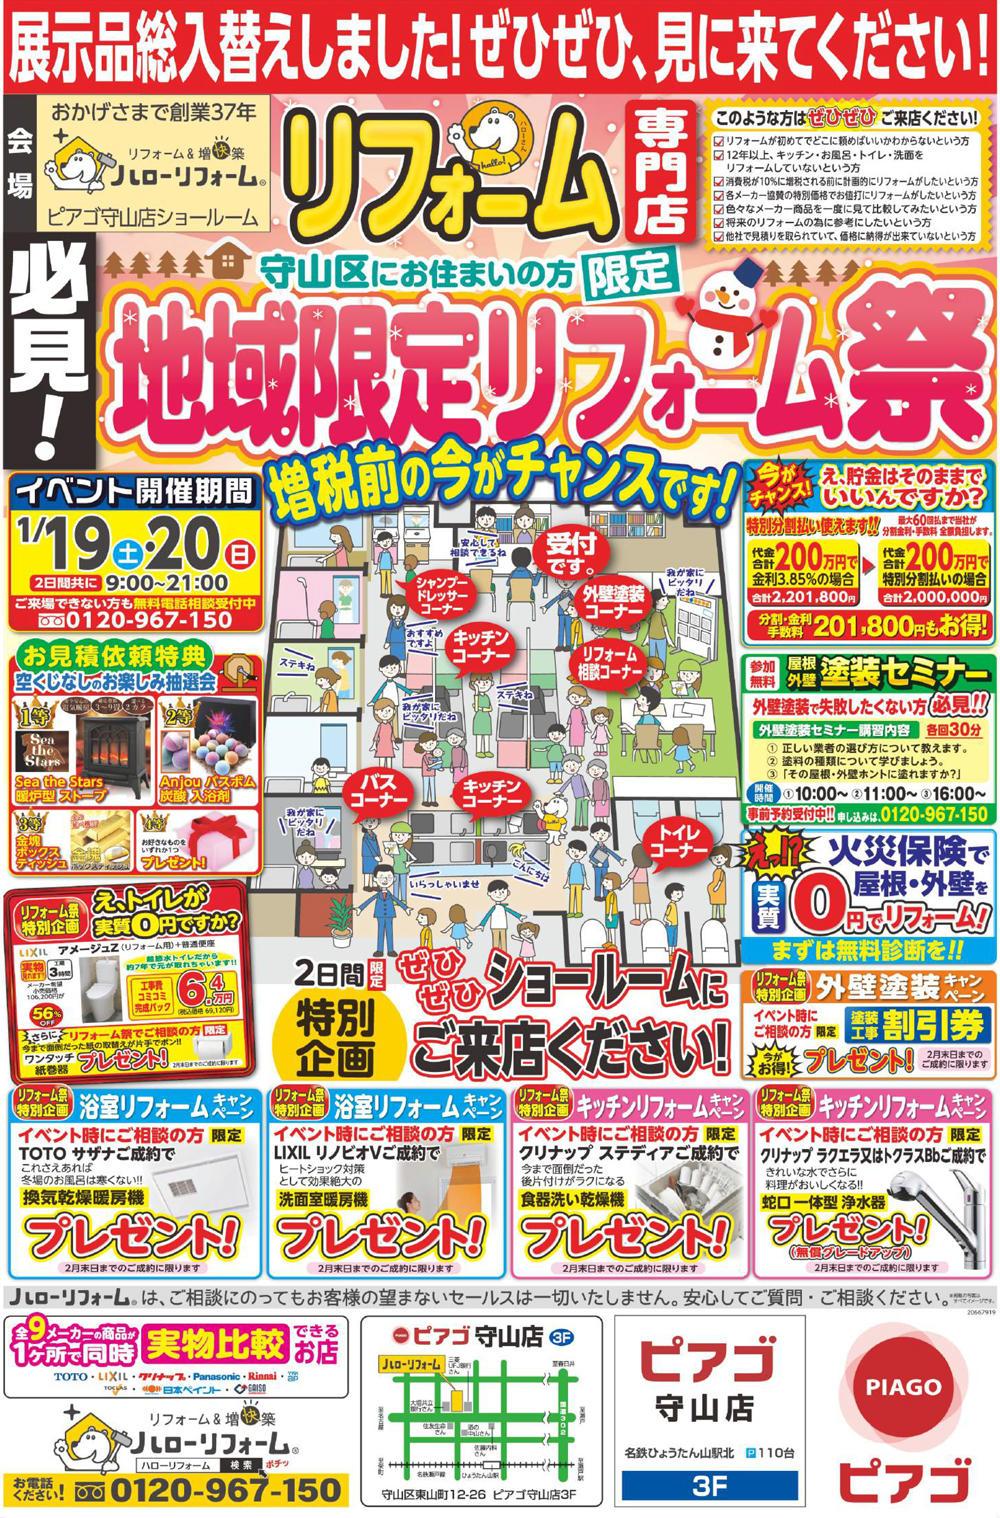 地域限定リフォーム祭(ピアゴ守山店)